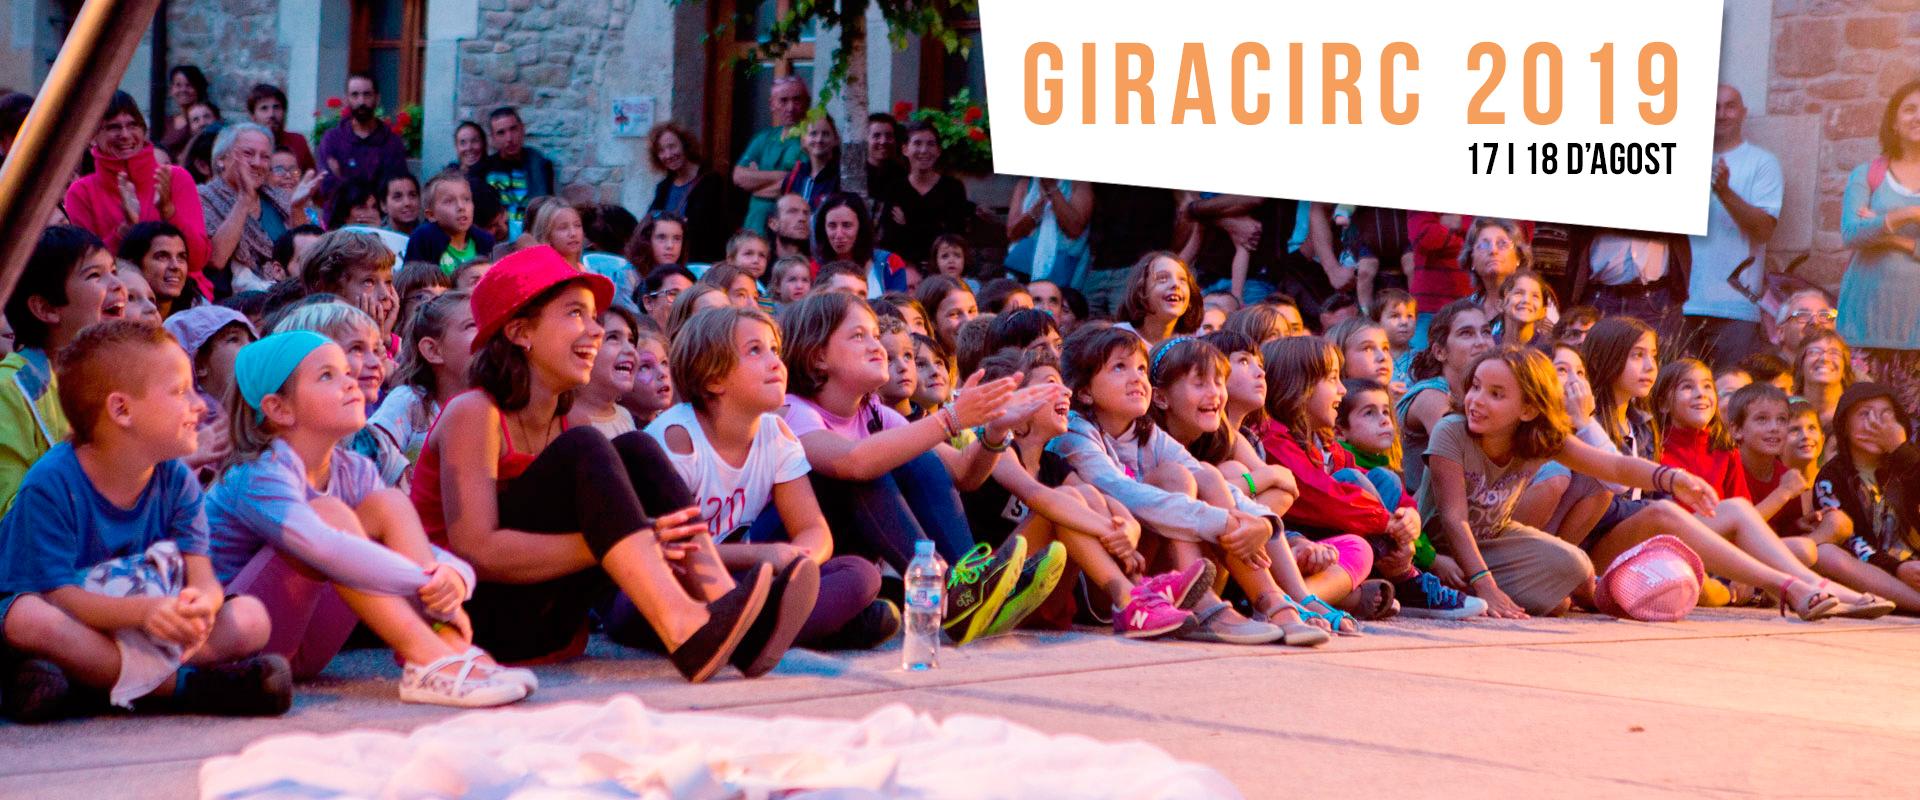 Vine al GiraCirc!